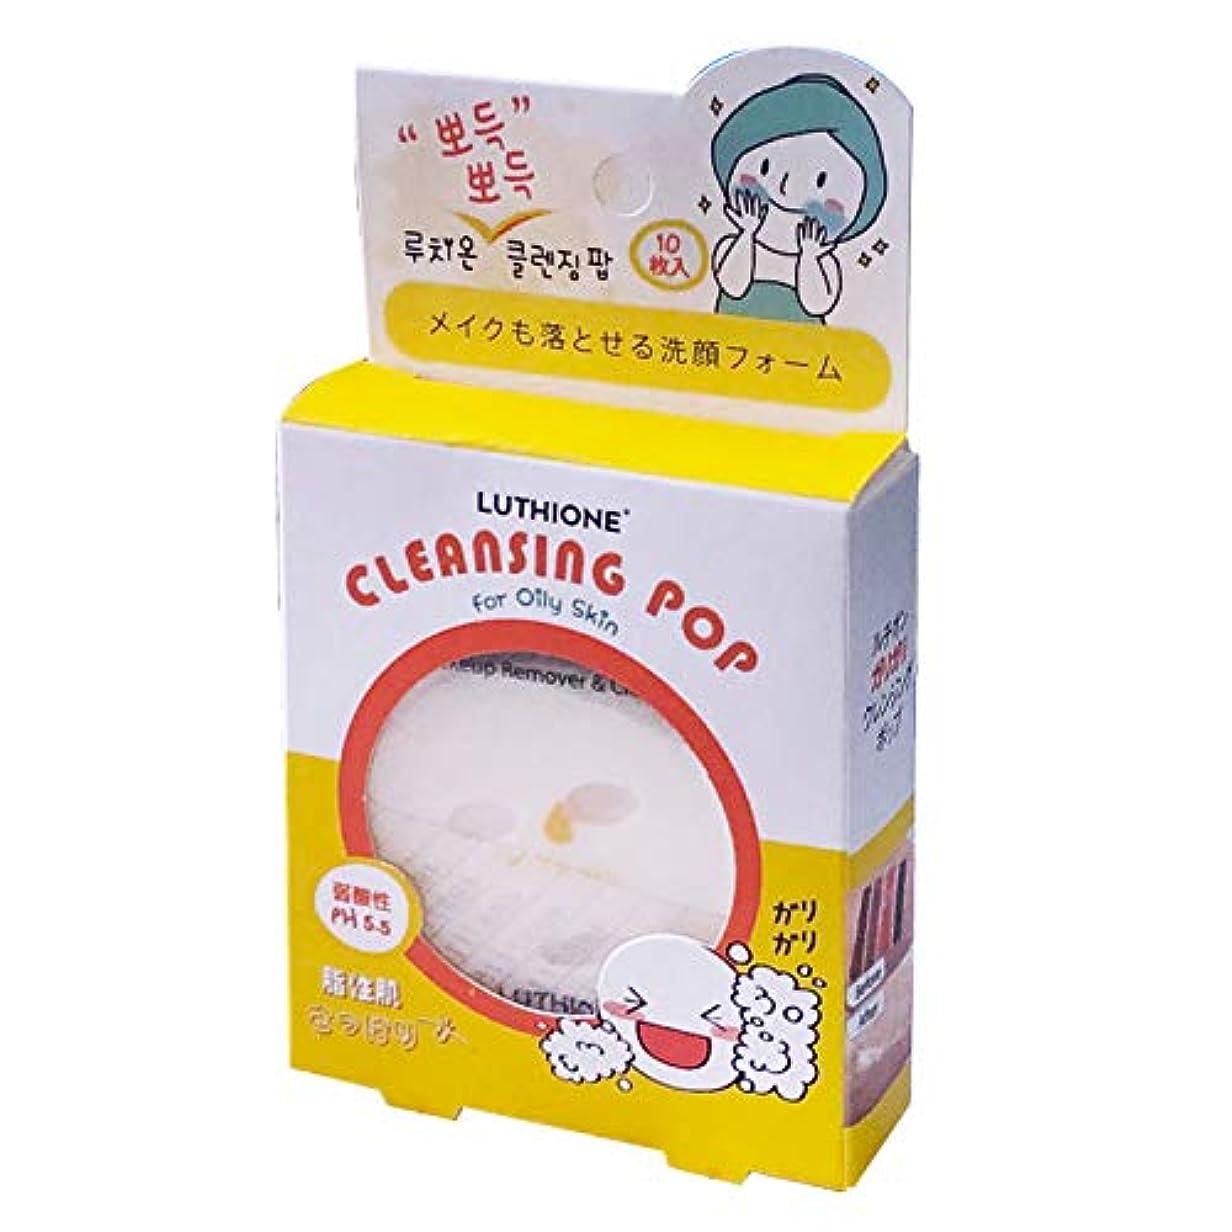 ジョイントチータースライム【まとめ買い】ルチオン クレンジングポップ (LUTHIONE CLEANSING POP) 脂性肌 10枚入り ×10個